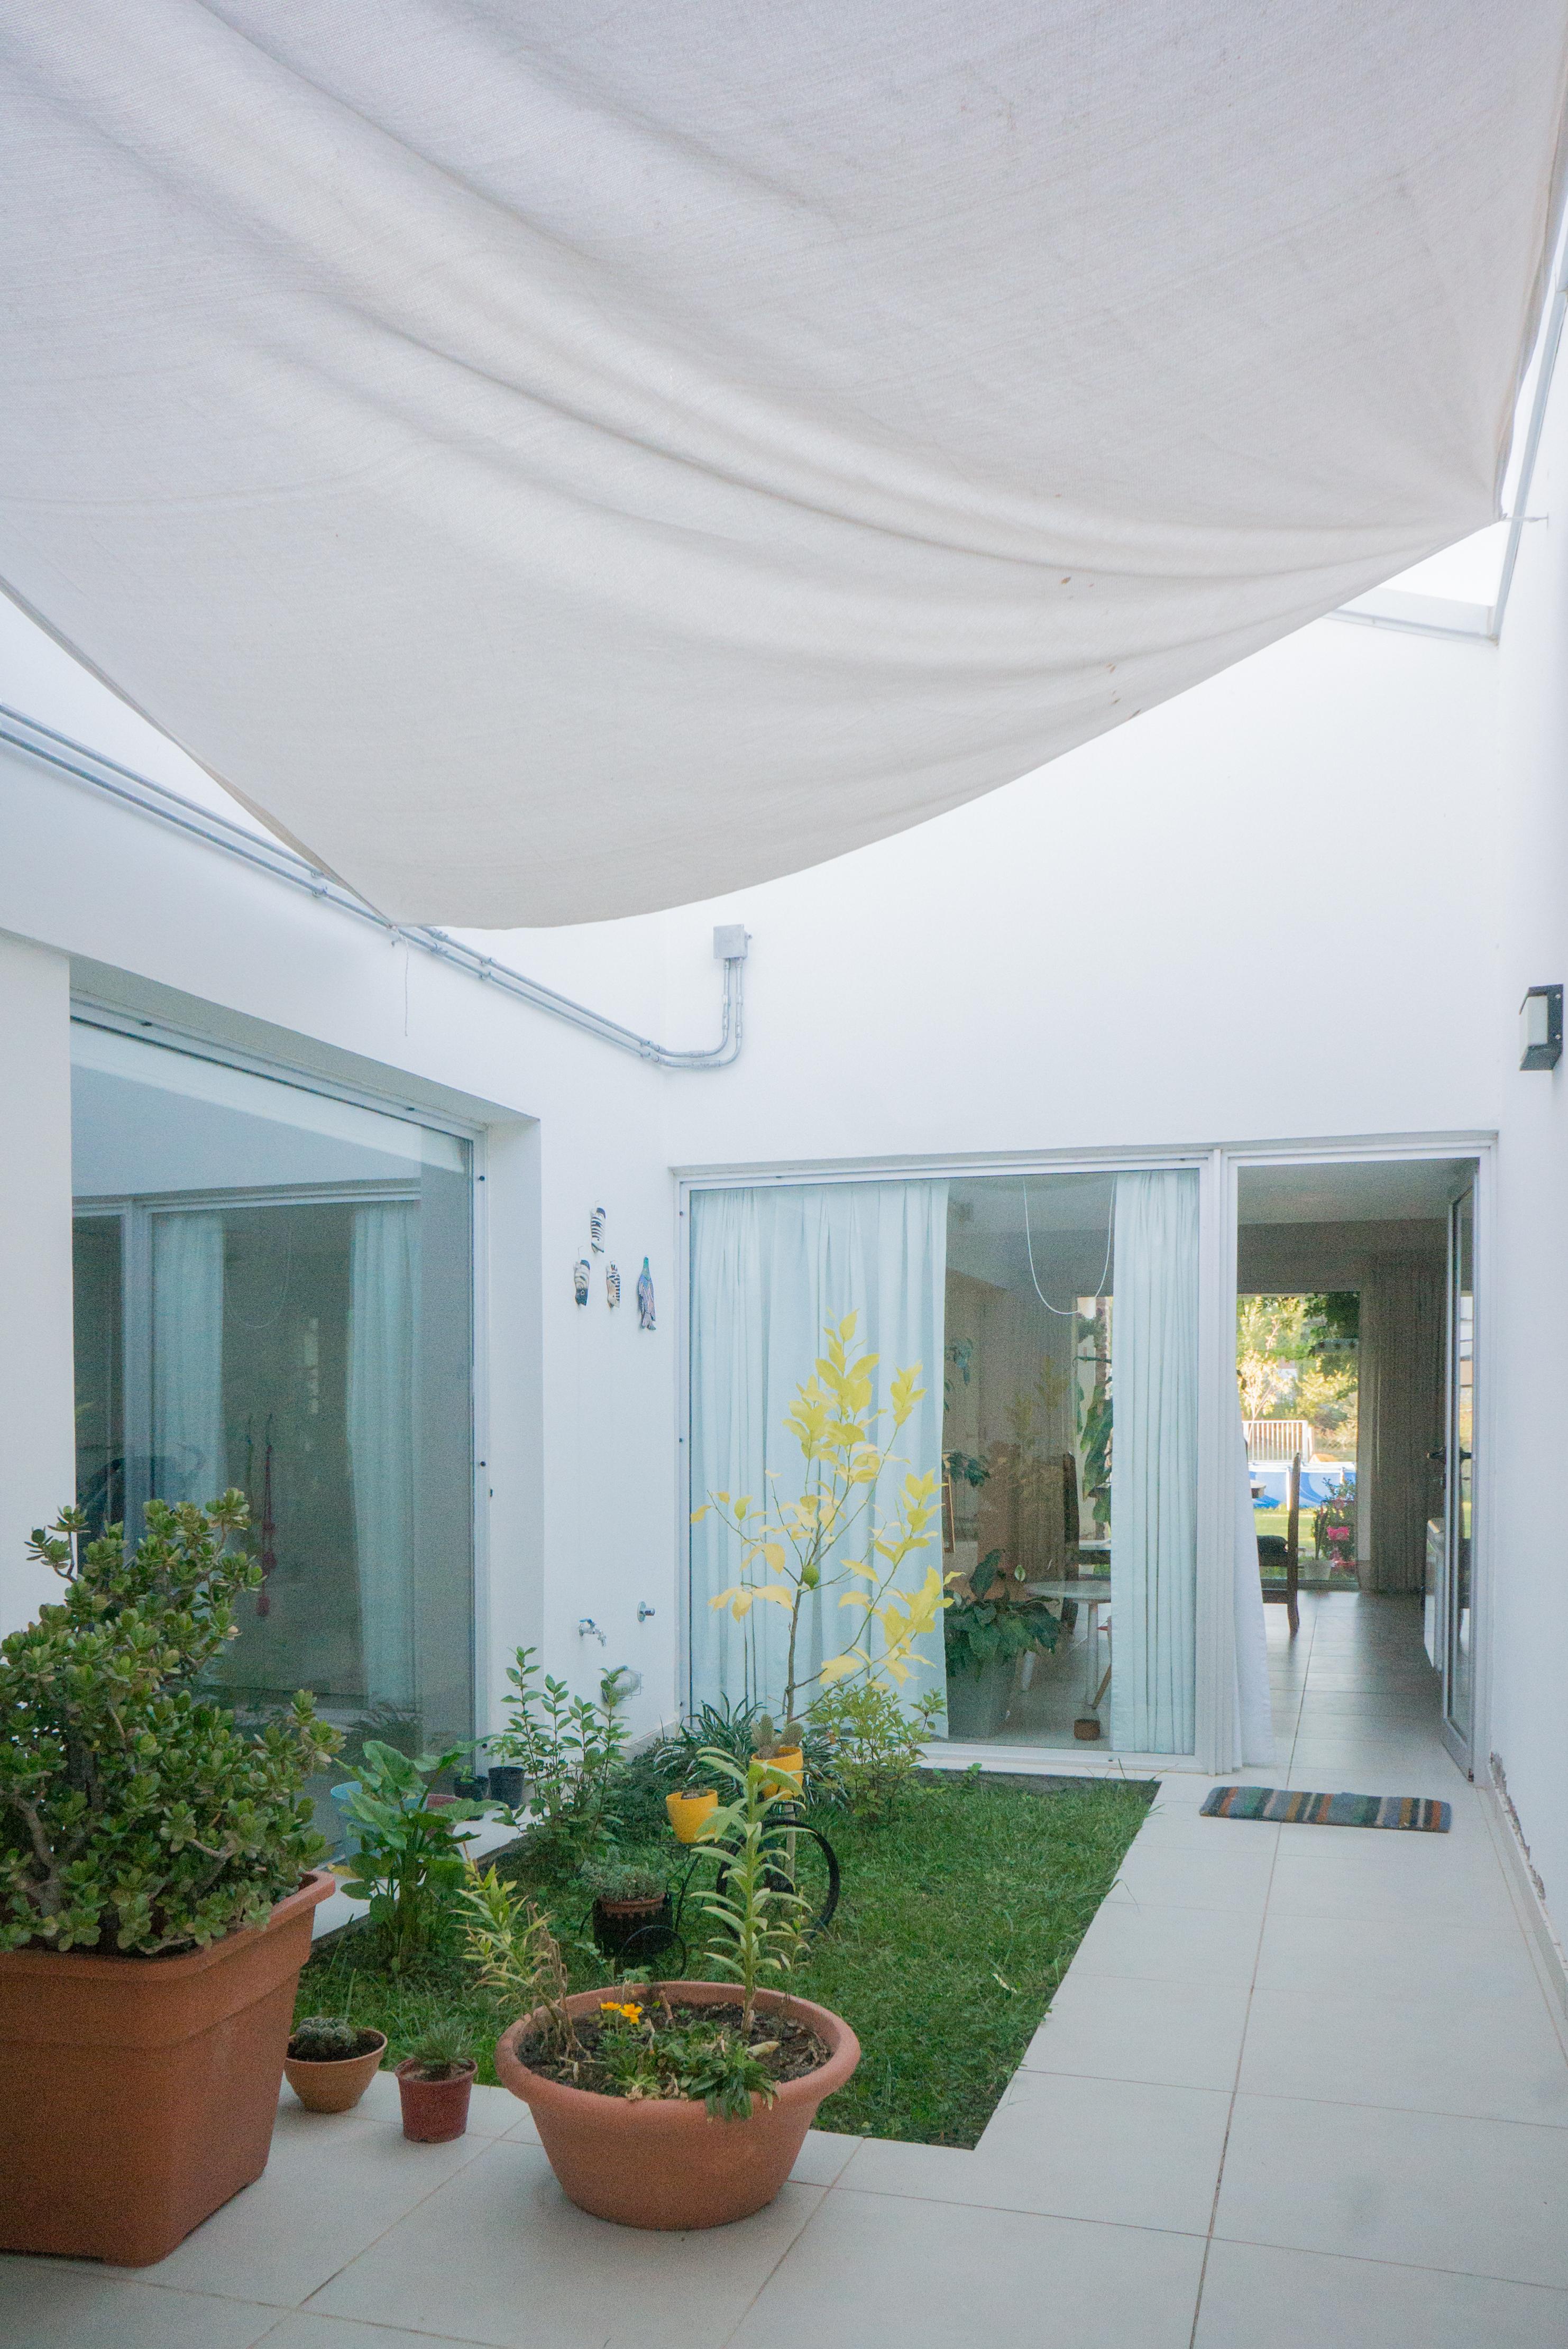 arquitectura-en-roca:-version-moderna-y-funcional-de-una-casa-en-zona-de-chacras